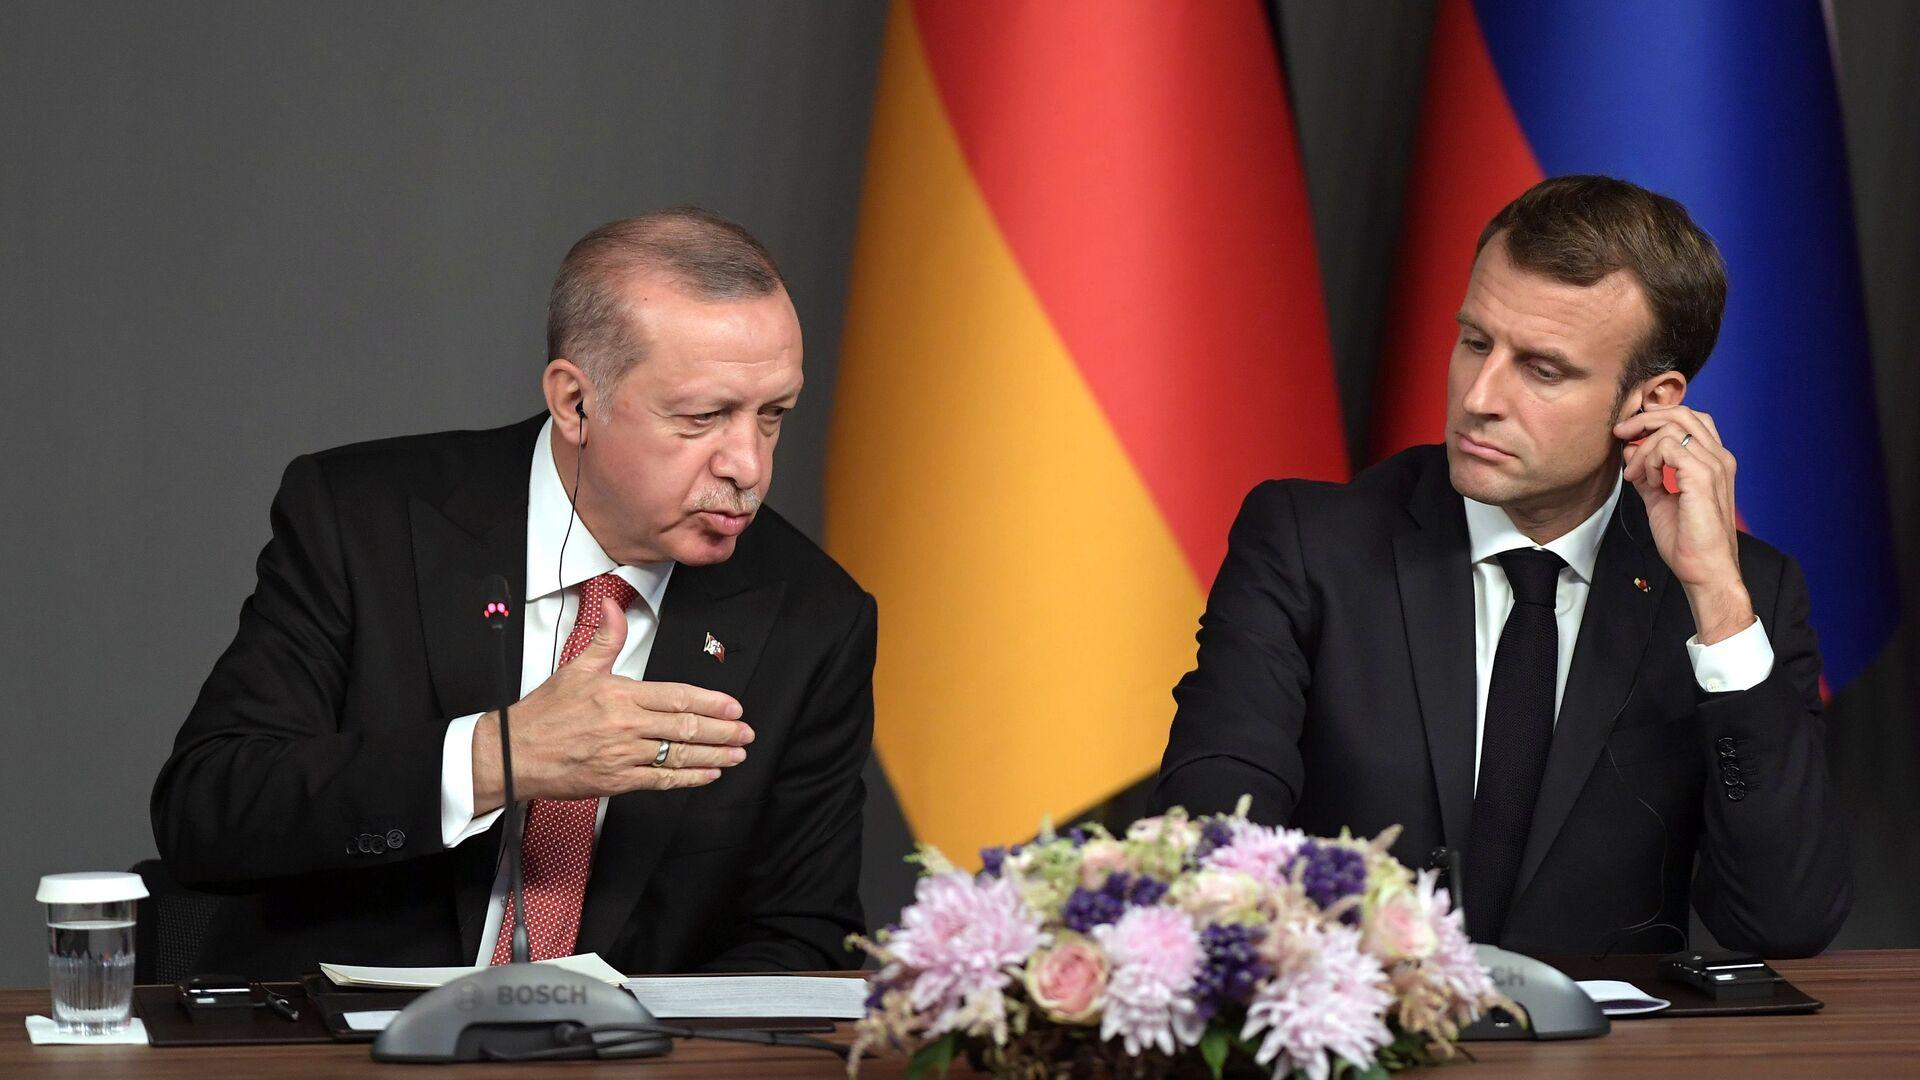 Президент Турции Реджеп Тайип Эрдоган и президент Франции Эммануэль Макрон на пресс-конференции по итогам саммита по Сирии. 27 октября 2018  - РИА Новости, 1920, 04.12.2020